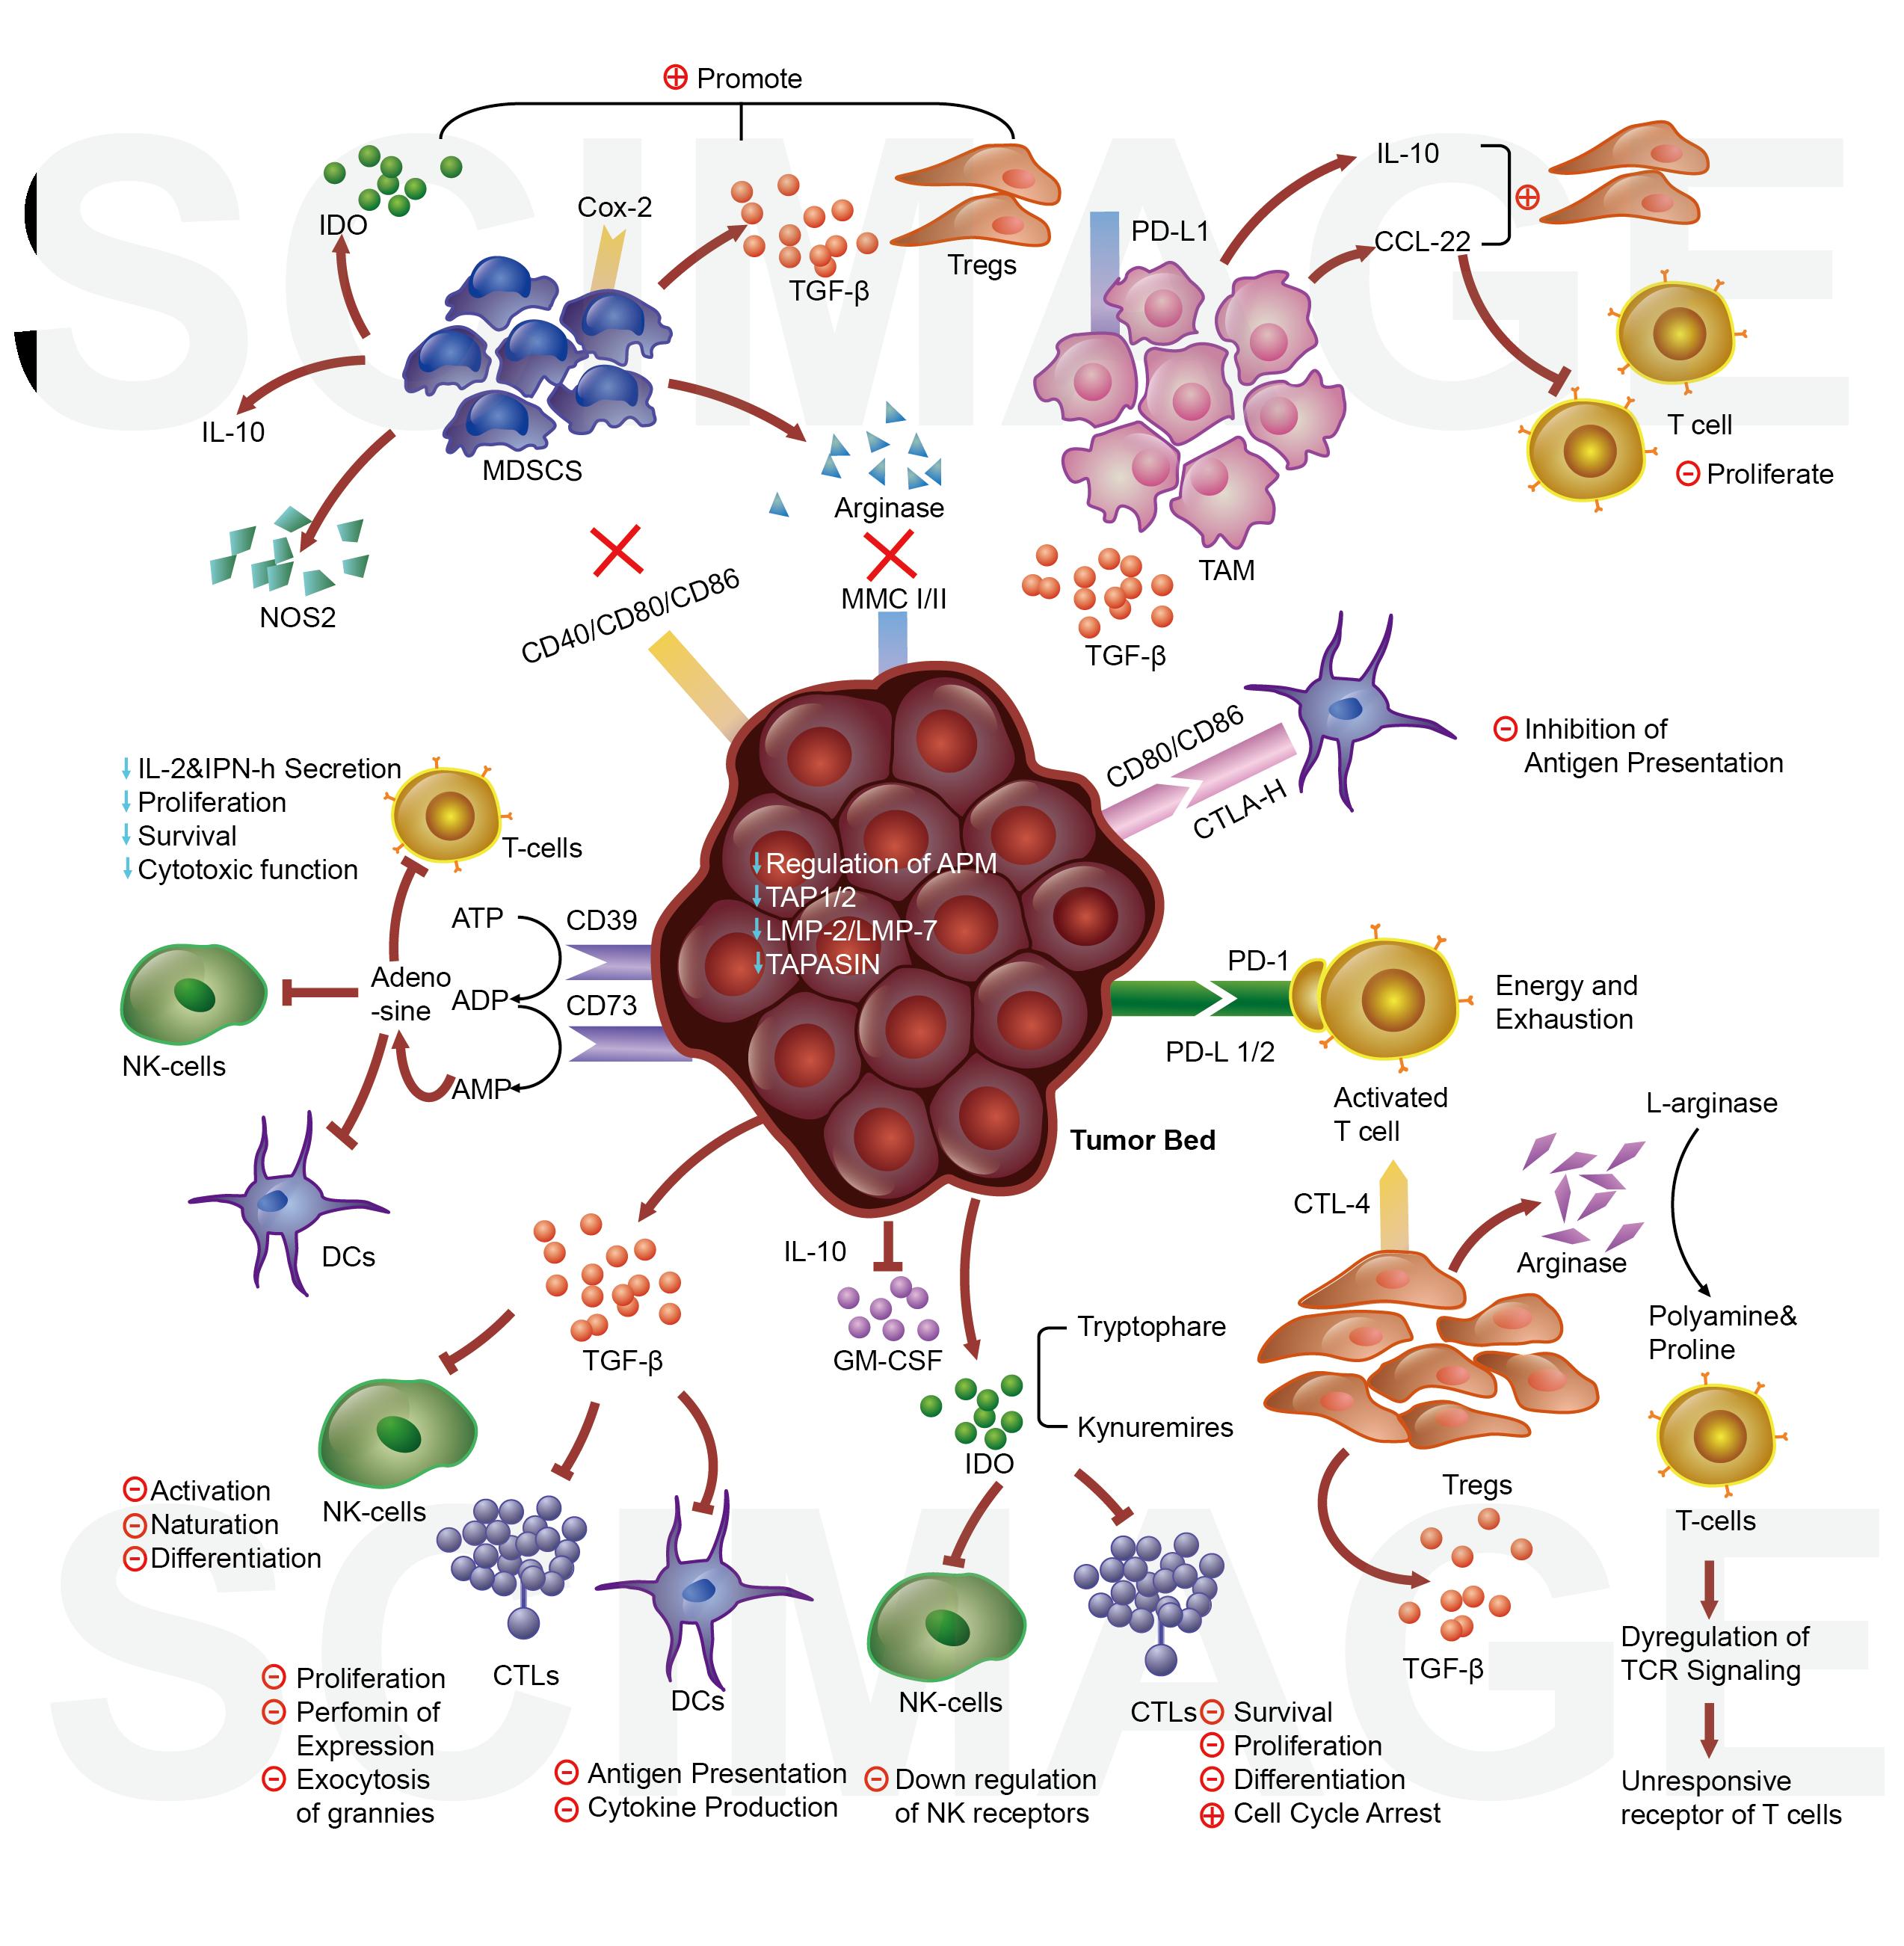 肿瘤细胞与其他细胞